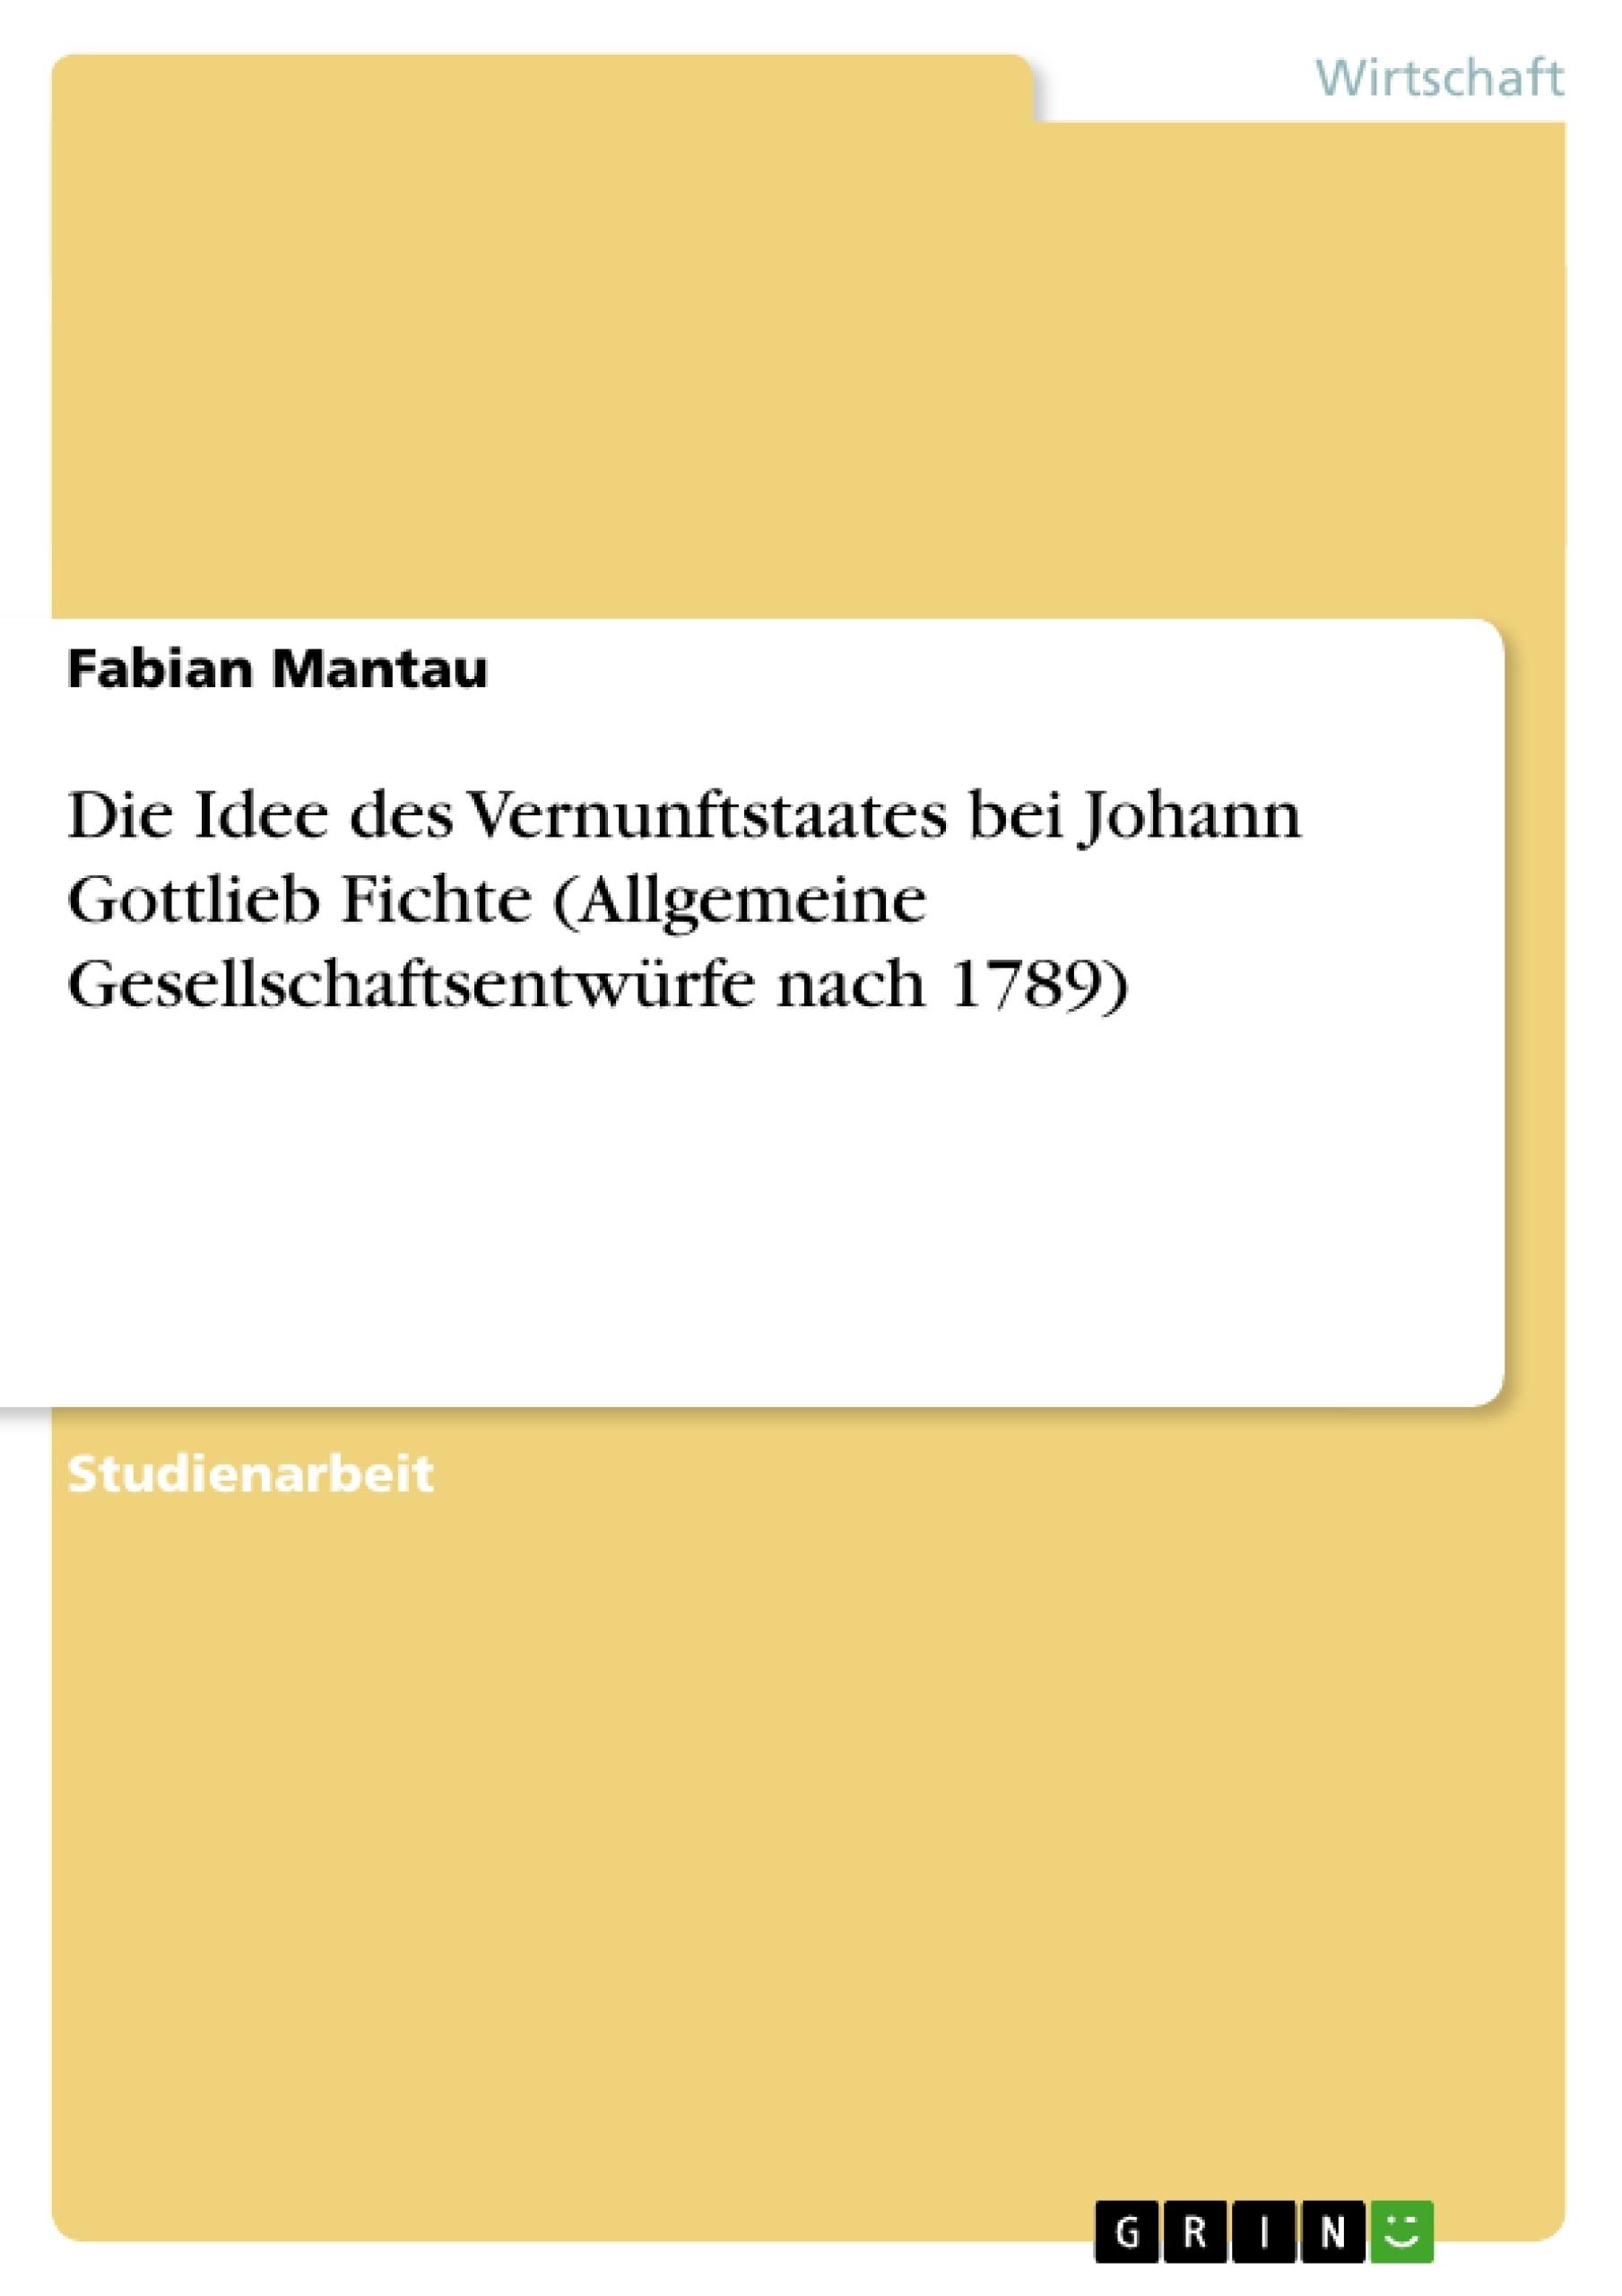 Titel: Die Idee des Vernunftstaates bei Johann Gottlieb Fichte (Allgemeine Gesellschaftsentwürfe nach 1789)